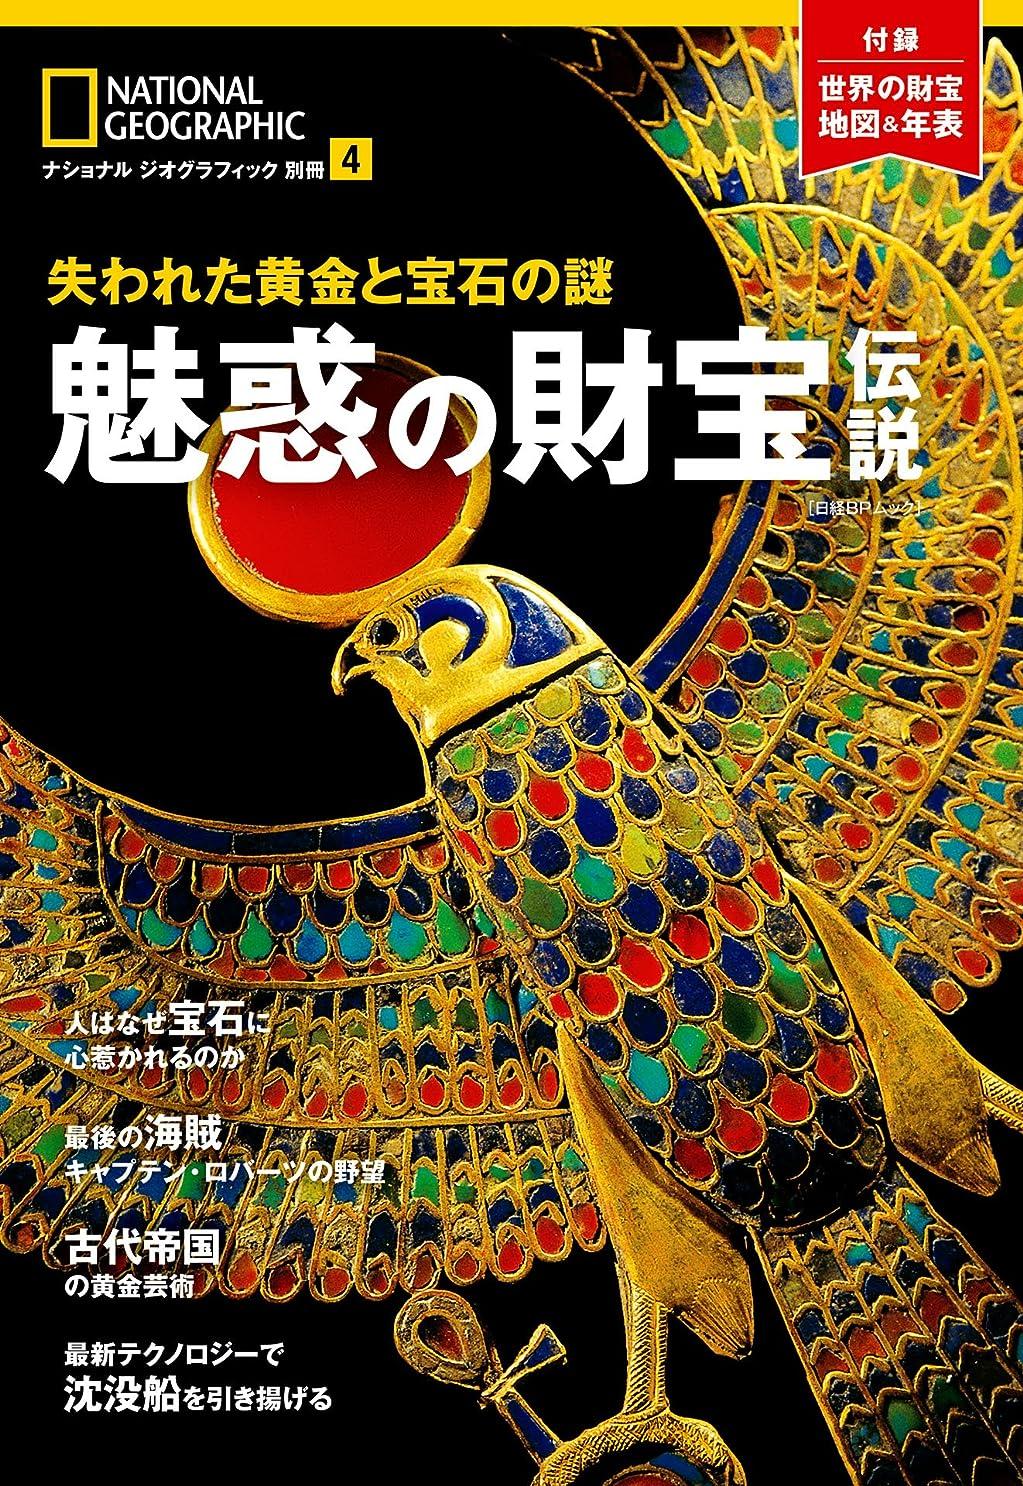 ボリューム思い出回答魅惑の財宝伝説 ナショナル ジオグラフィック別冊